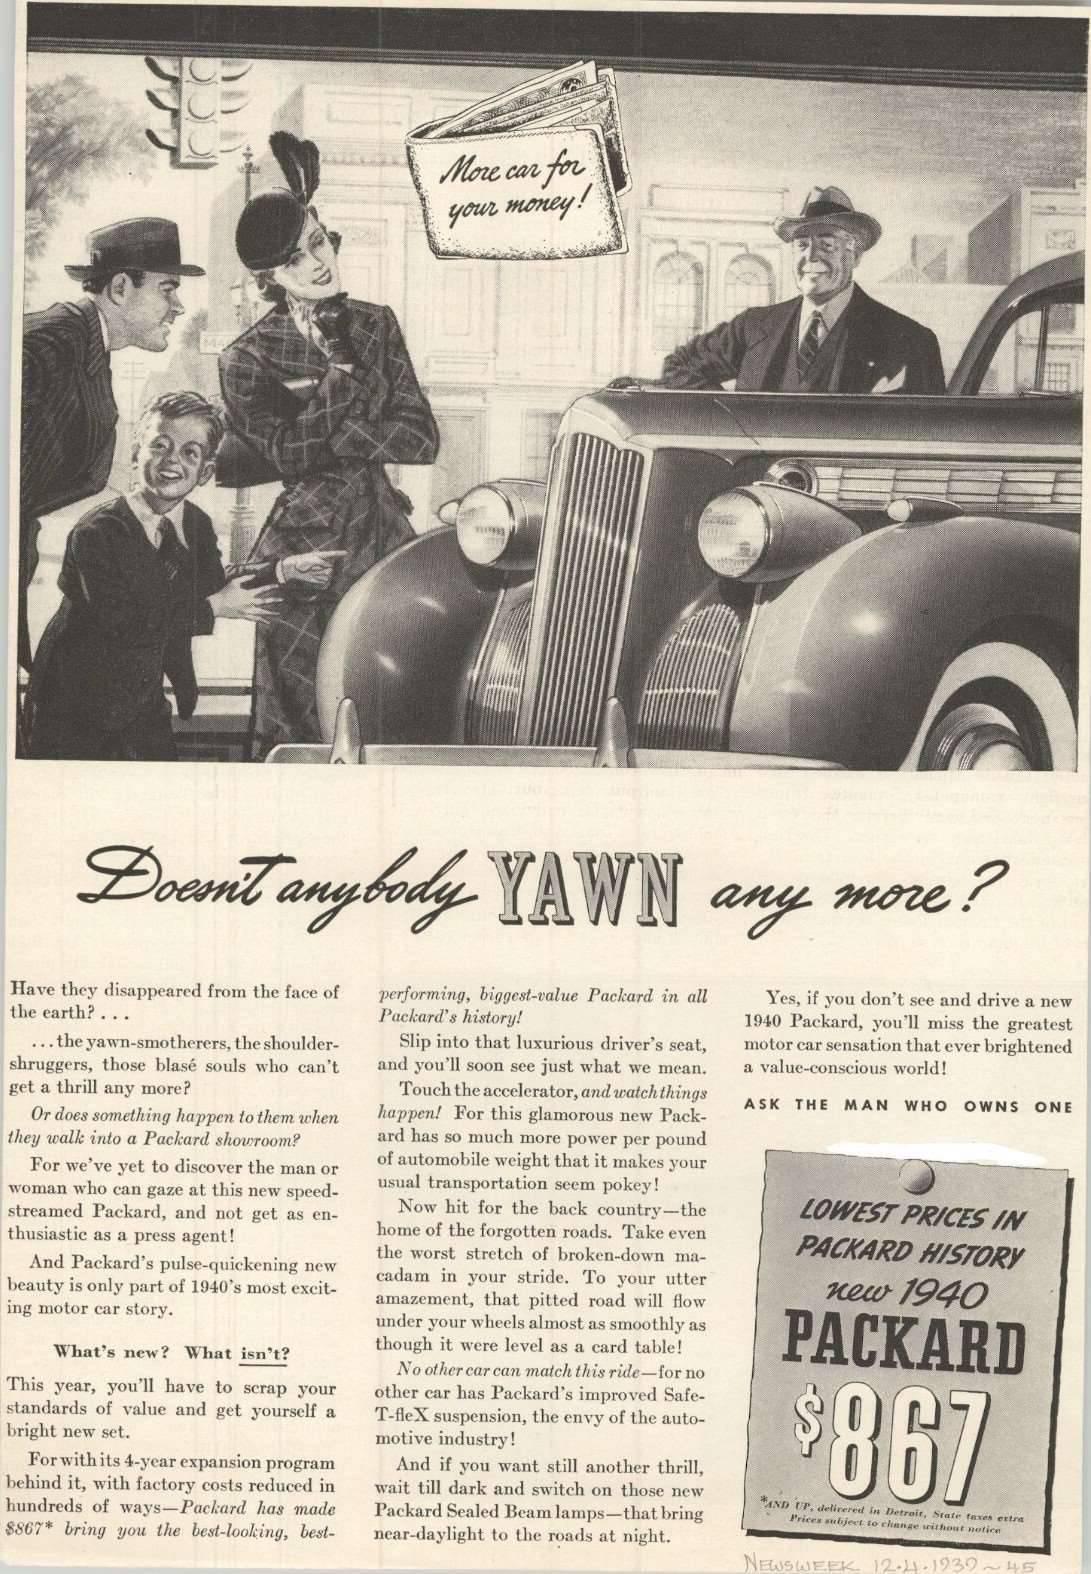 1940 Packard Advertisement - Newsweek 12/39